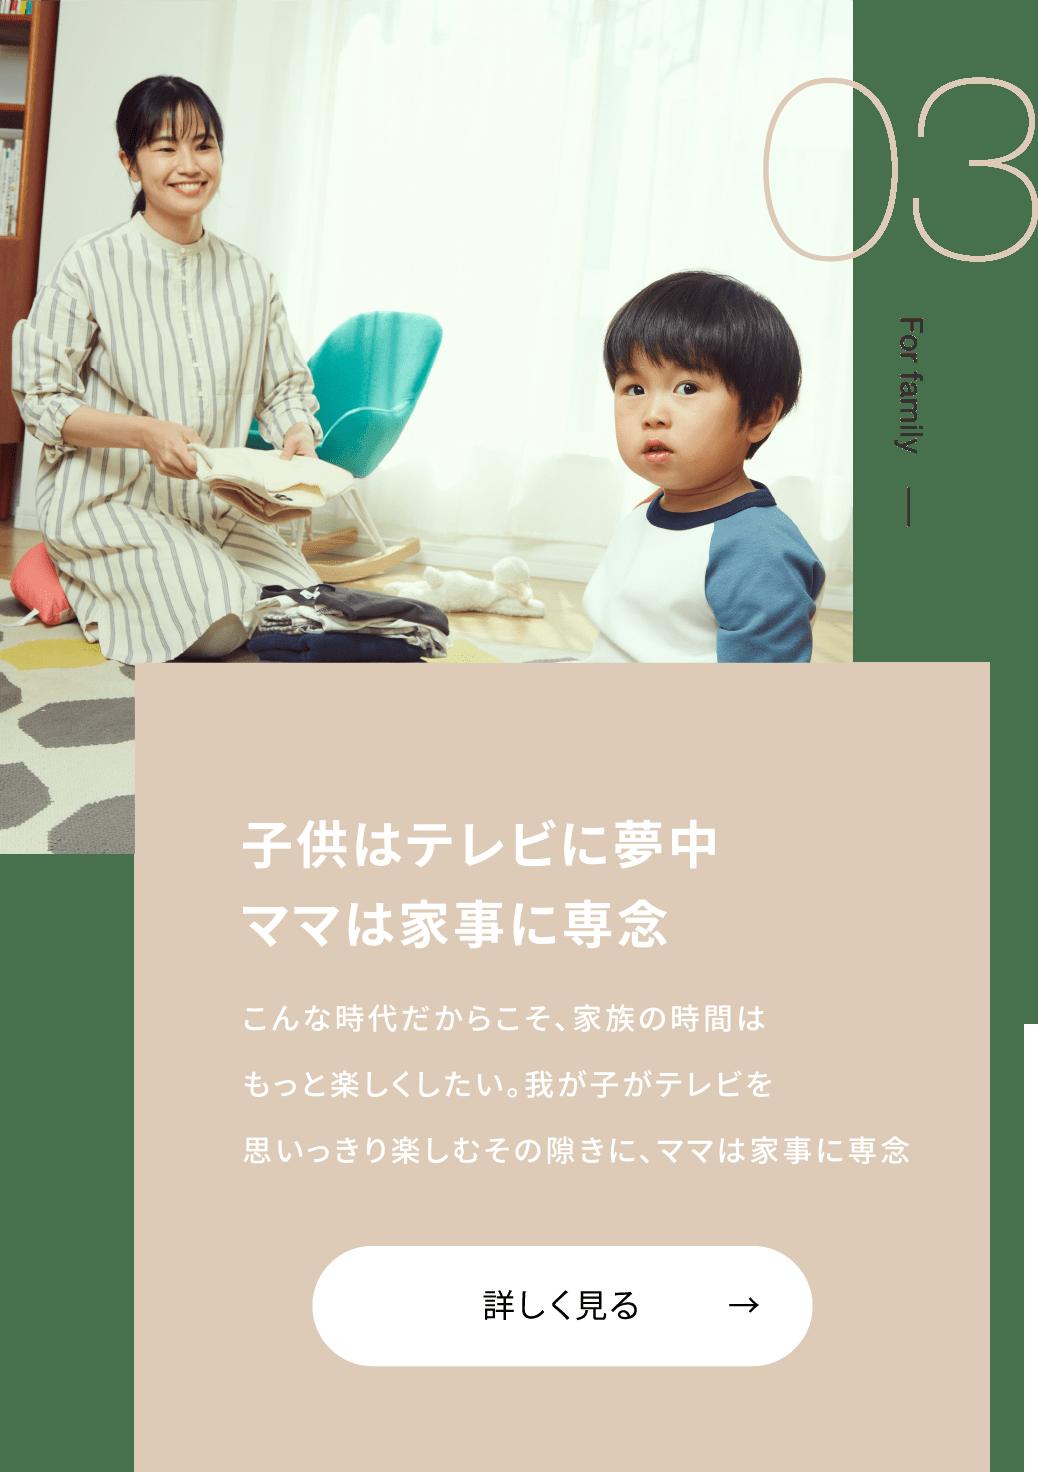 子供はテレビに夢中。ママは家事に専念